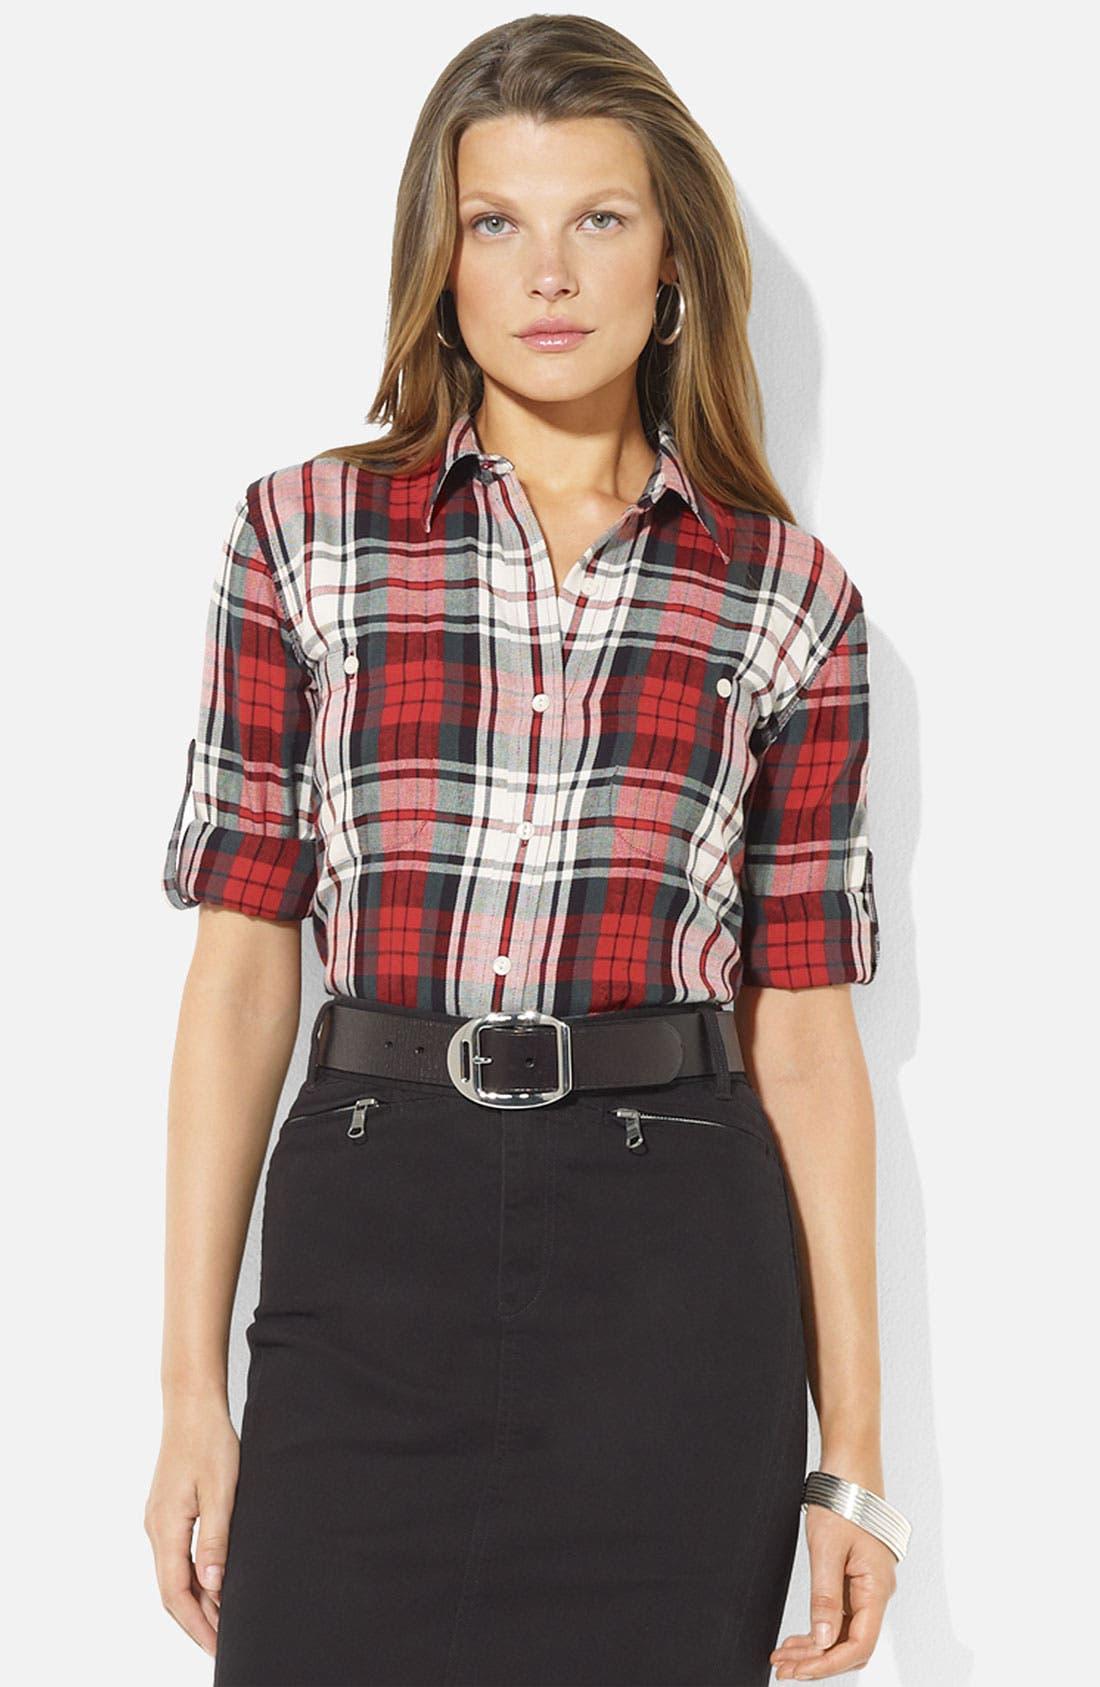 Alternate Image 1 Selected - Lauren Ralph Lauren Roll Sleeve Plaid Shirt (Petite) (Online Exclusive)